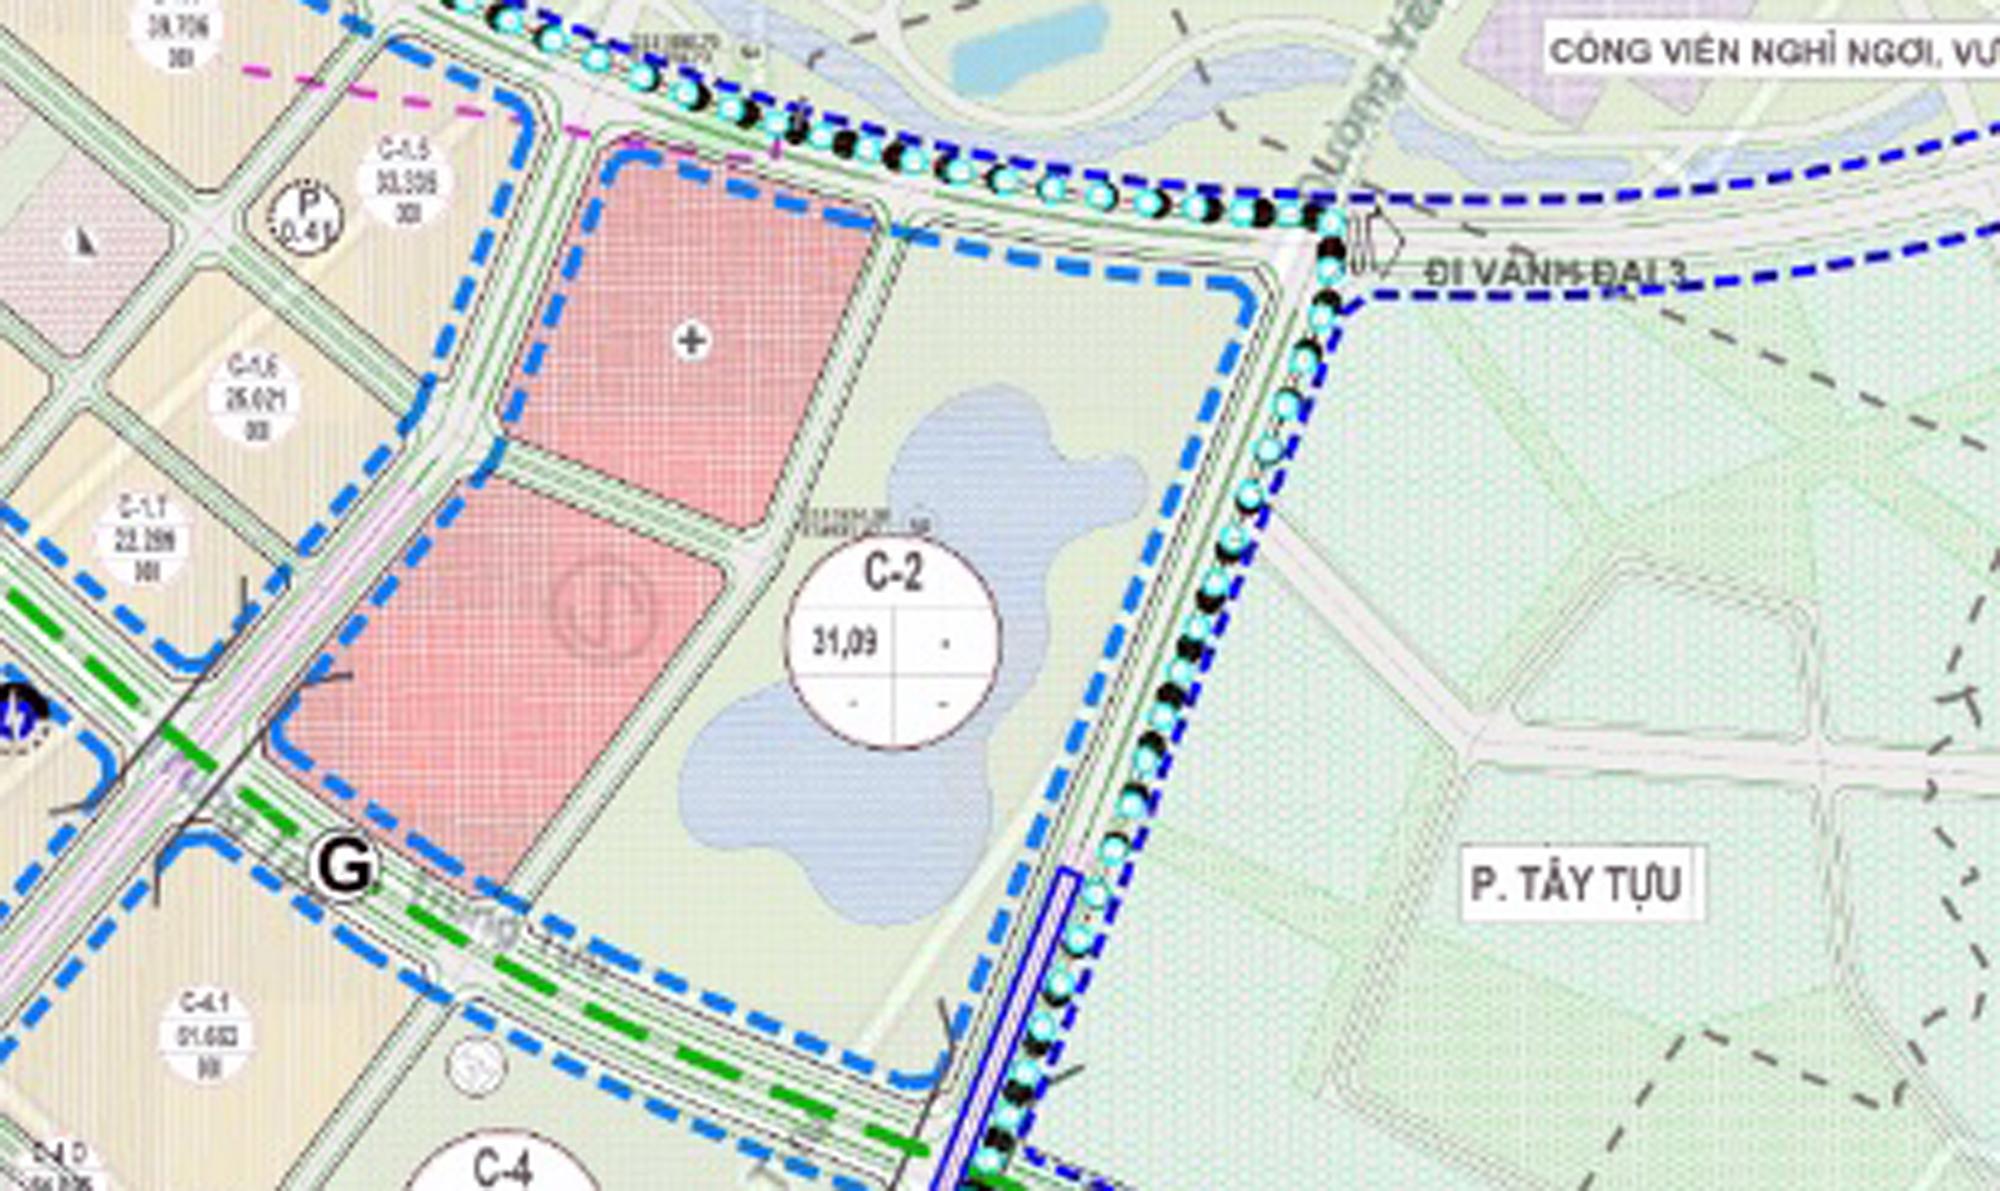 Những mảnh đất sẽ được đào hồ lớn ở quận Bắc Từ Liêm - Ảnh 12.